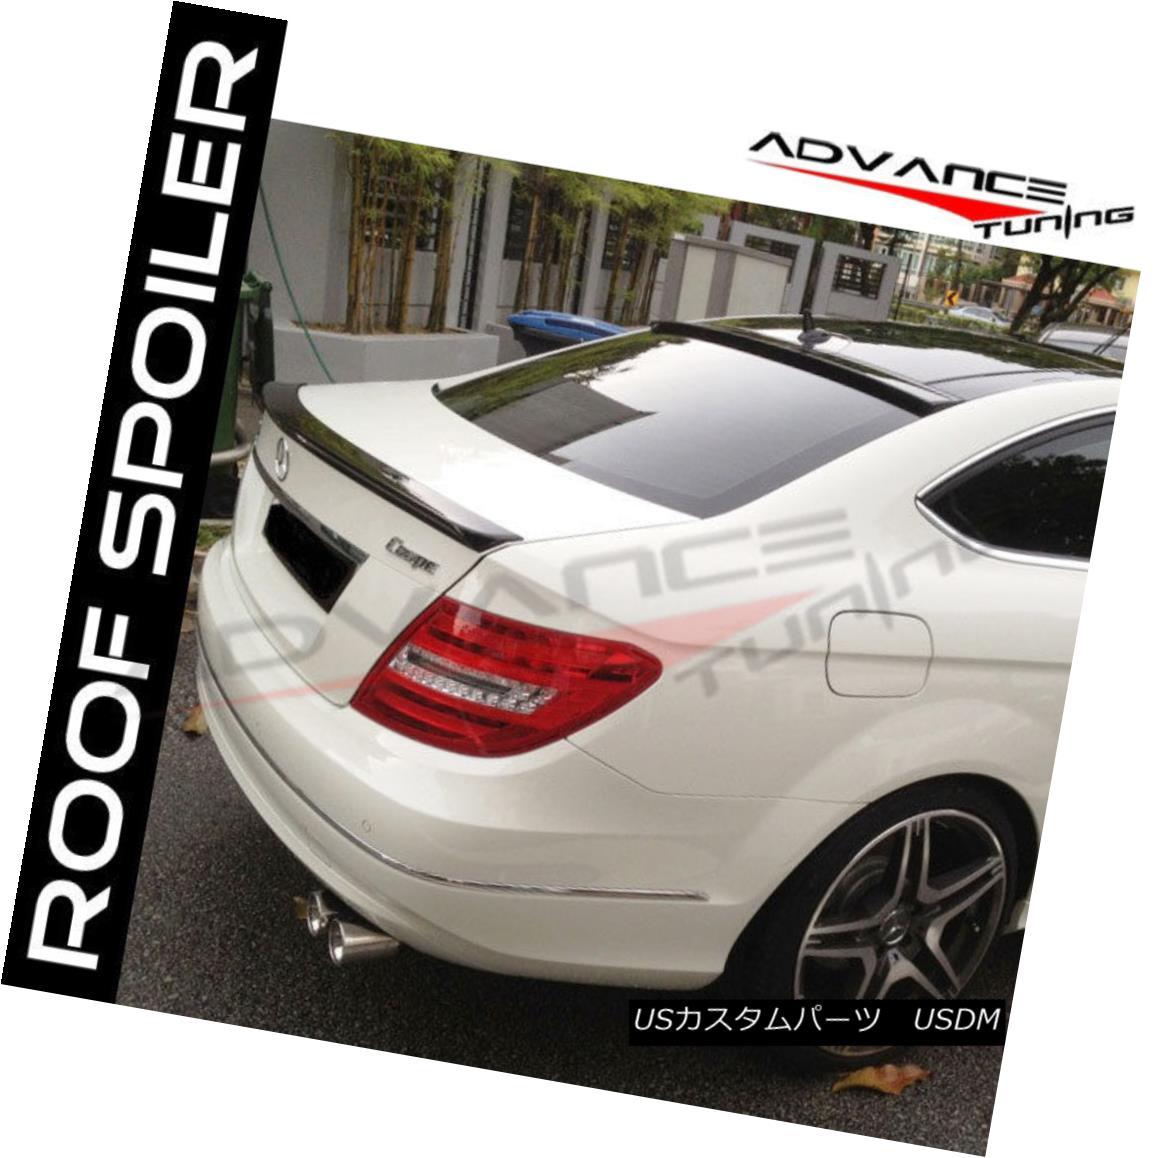 エアロパーツ Fit 12-15 Mercedes-Benz C Class W204 2Dr Coupe C204 OE ABS Roof Spoiler Wing フィット12-15メルセデスベンツCクラスW204 2DrクーペC204 OE ABSルーフスポイラーウイング